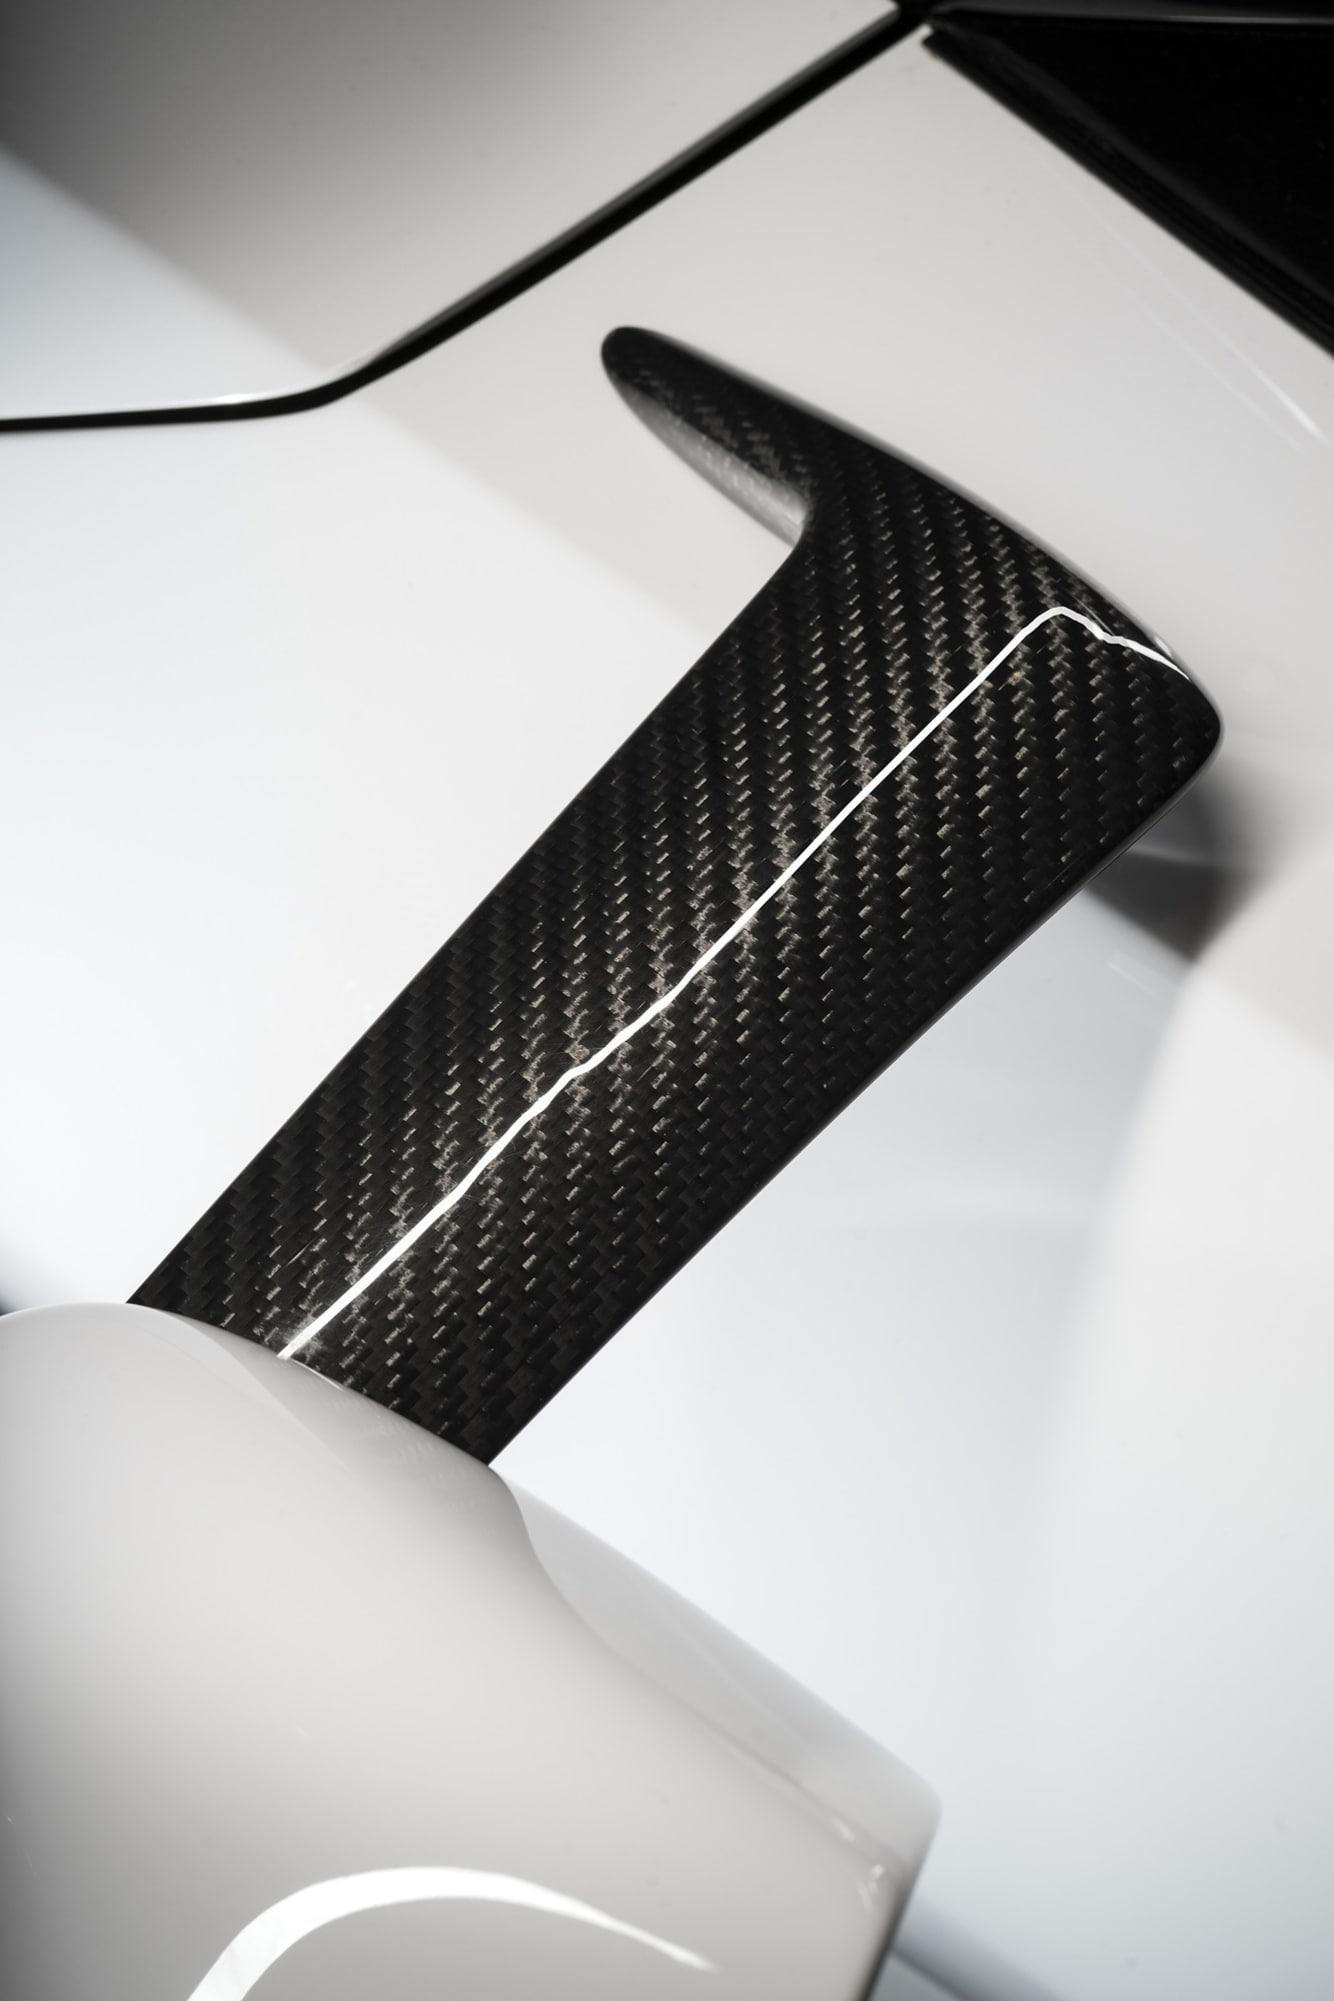 Formerna på Ford GT får en i bland att snarare tänka på ett abstrakt konstverk. Inget är dock gjort av en slump utan helt och hållet av aerodynamiska skäl.